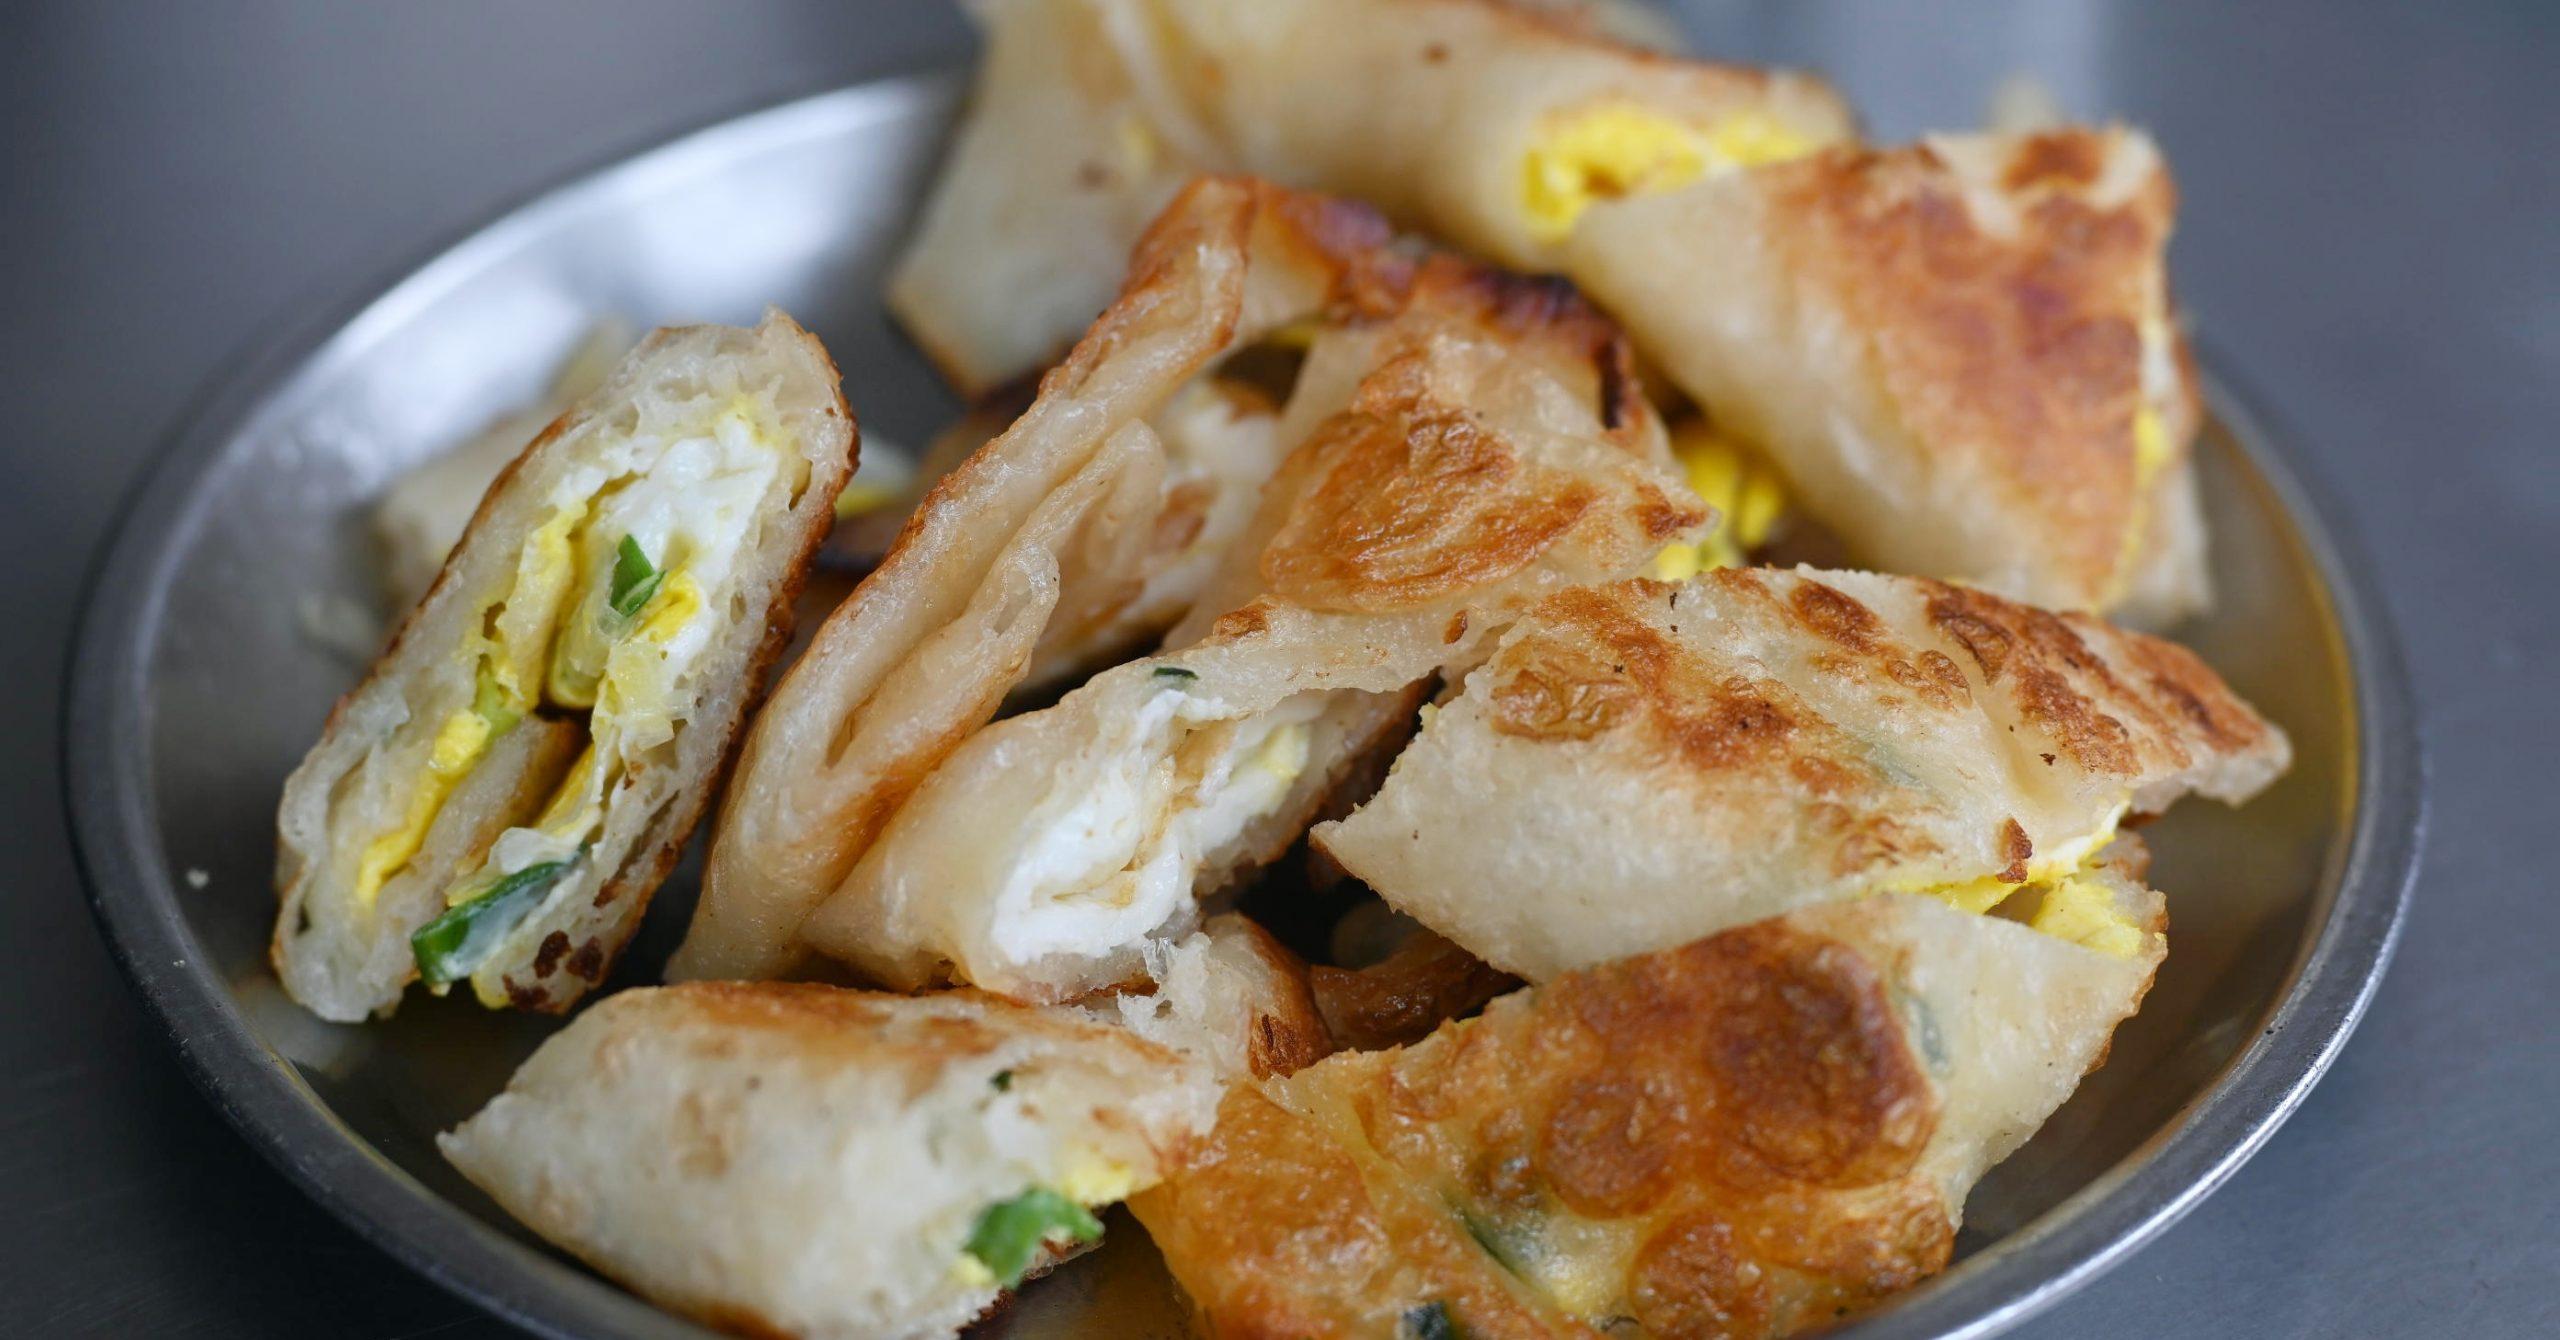 今日熱門文章:【大橋頭美食】無名豆漿蛋餅,超級酥脆的蛋餅(專家豆漿米漿)